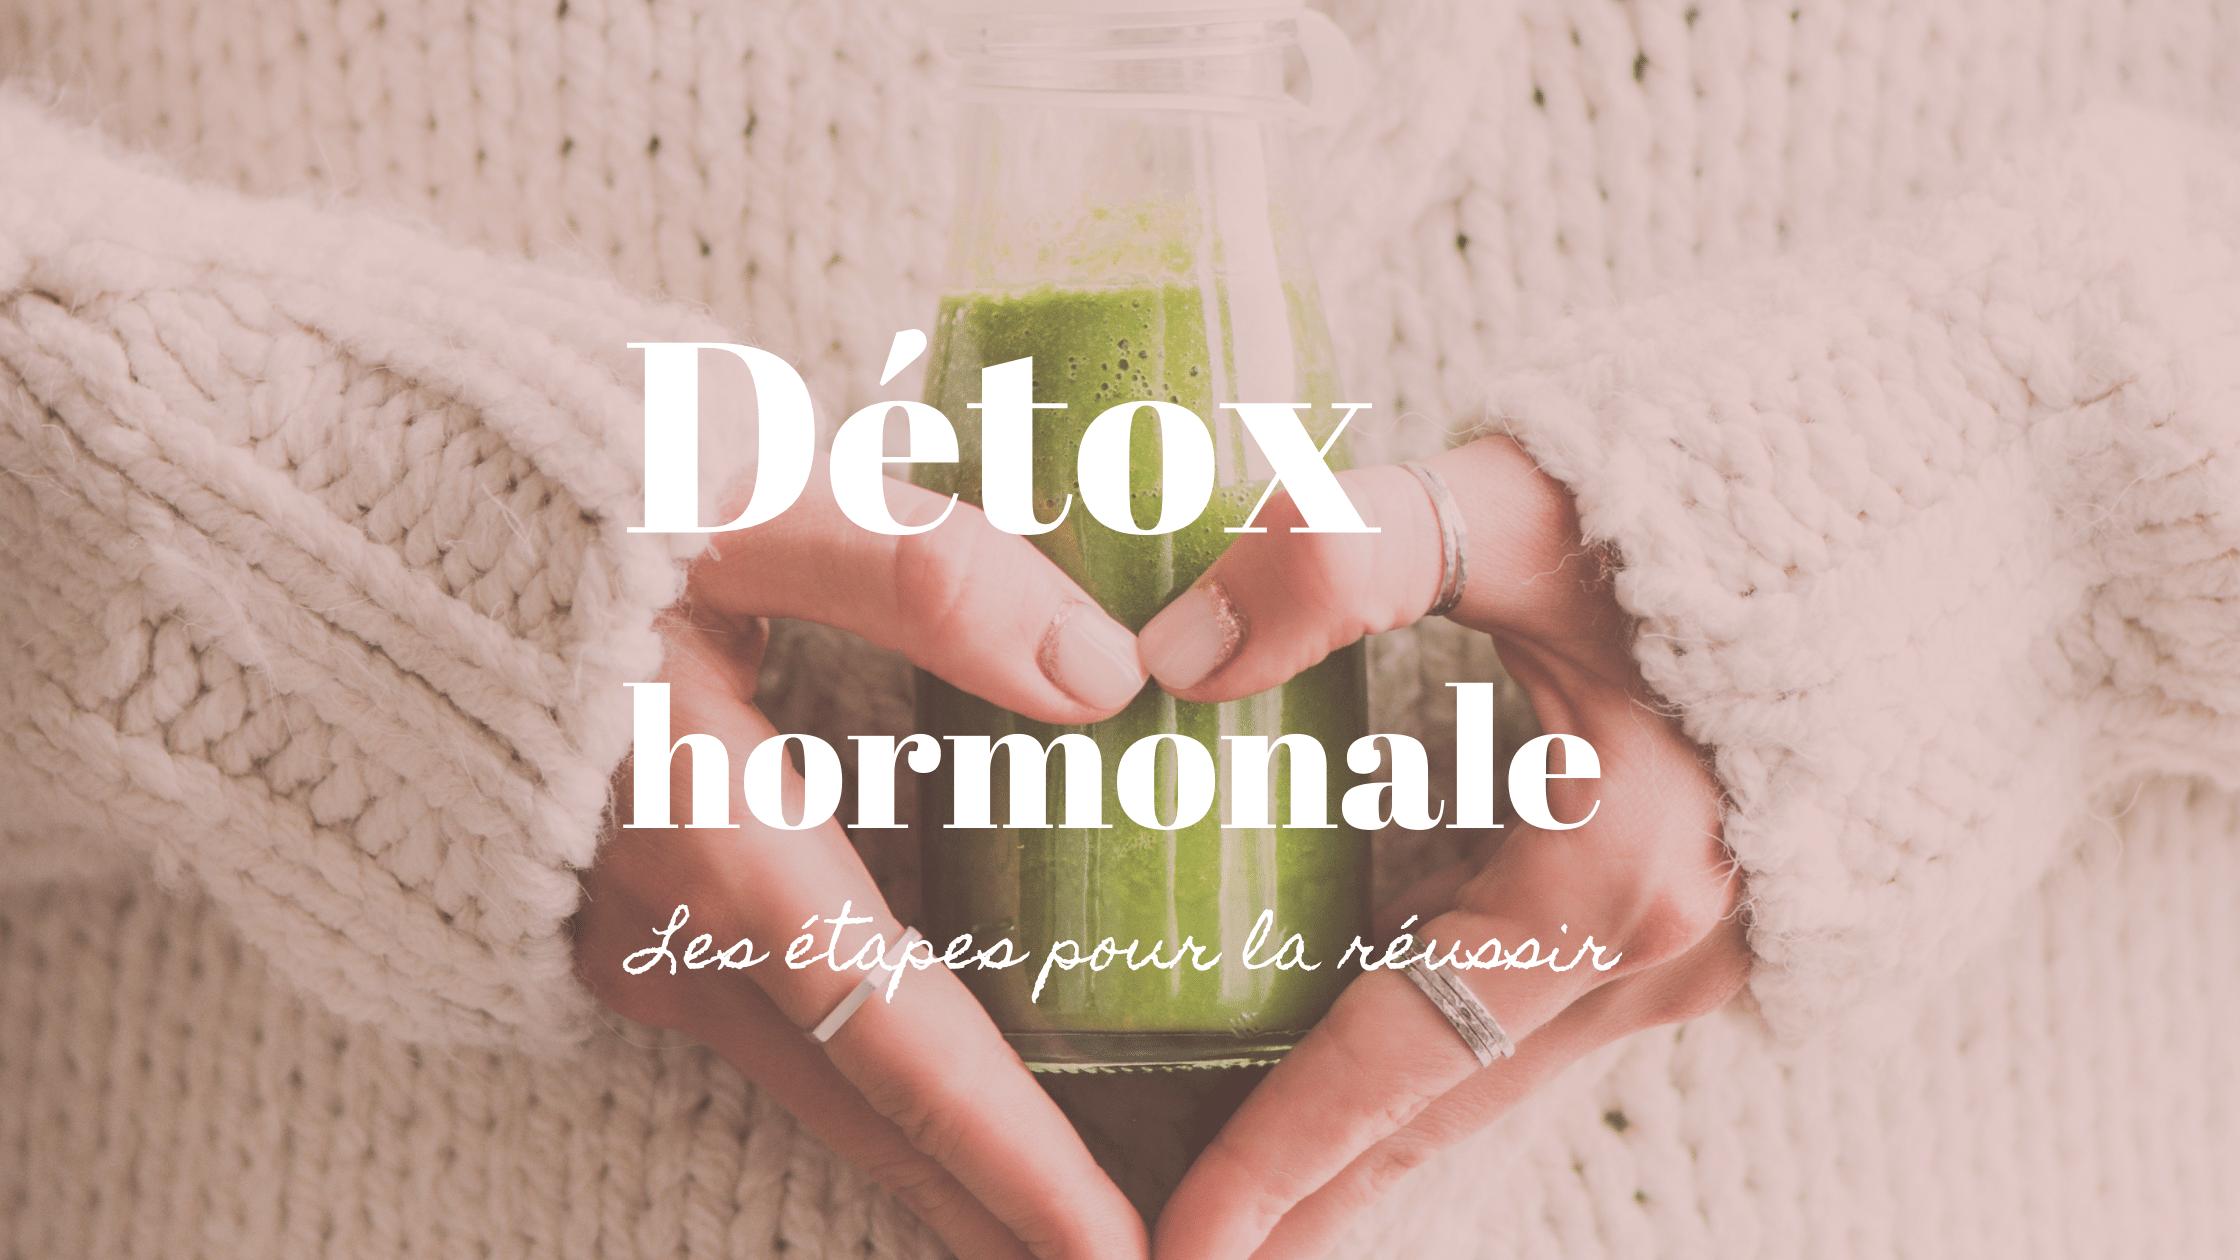 Détox hormonale : comment la réussir ? (Méthode complète)